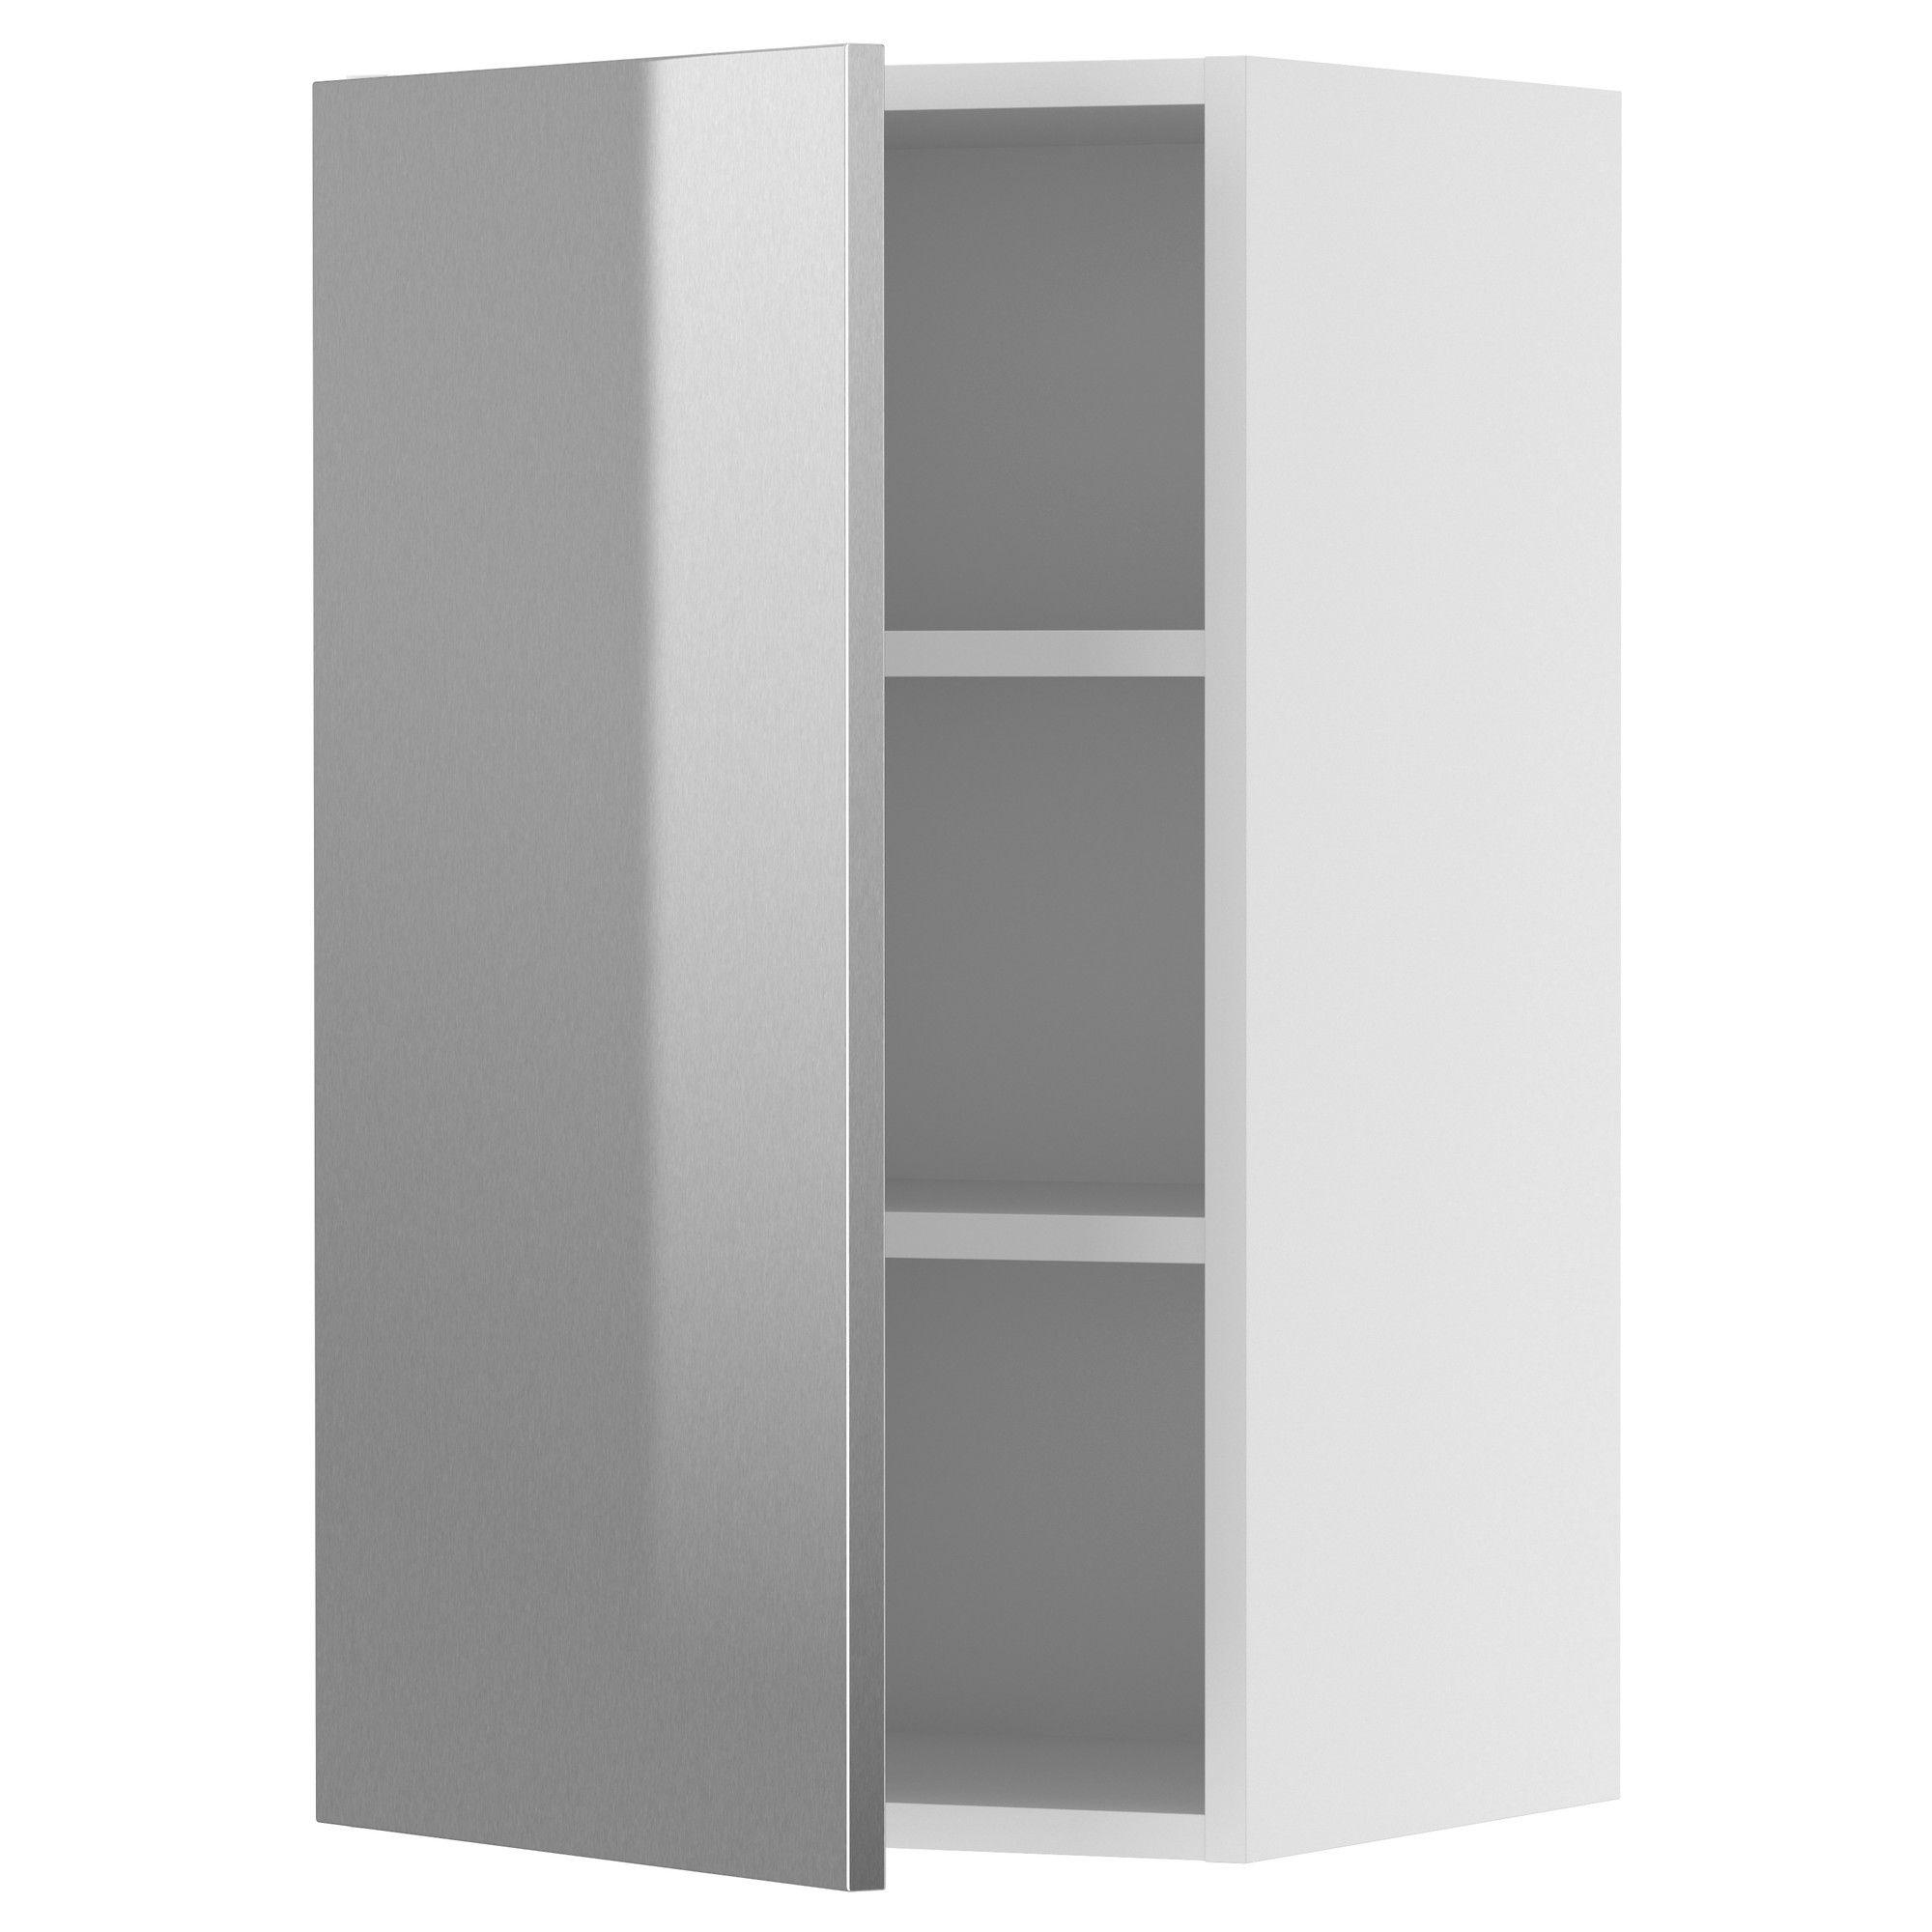 Buy Furniture Malaysia Online Wall Ikea, Ikea